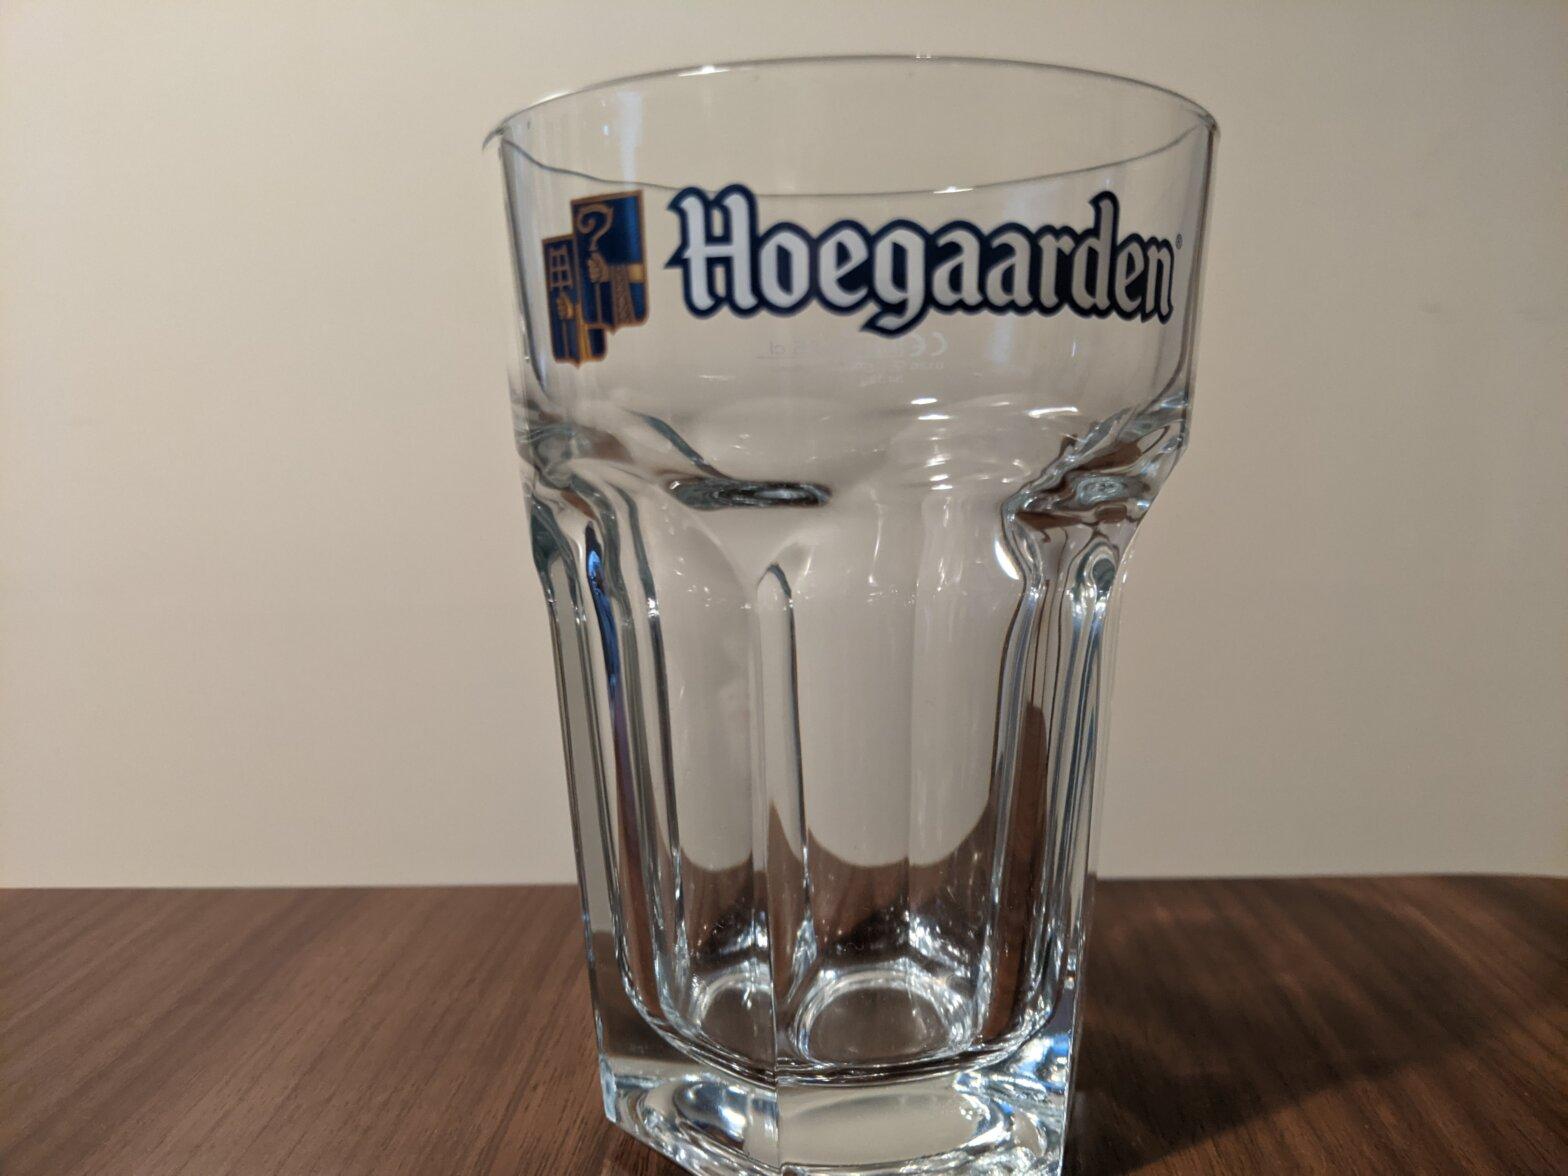 ヒューガルデン グラス